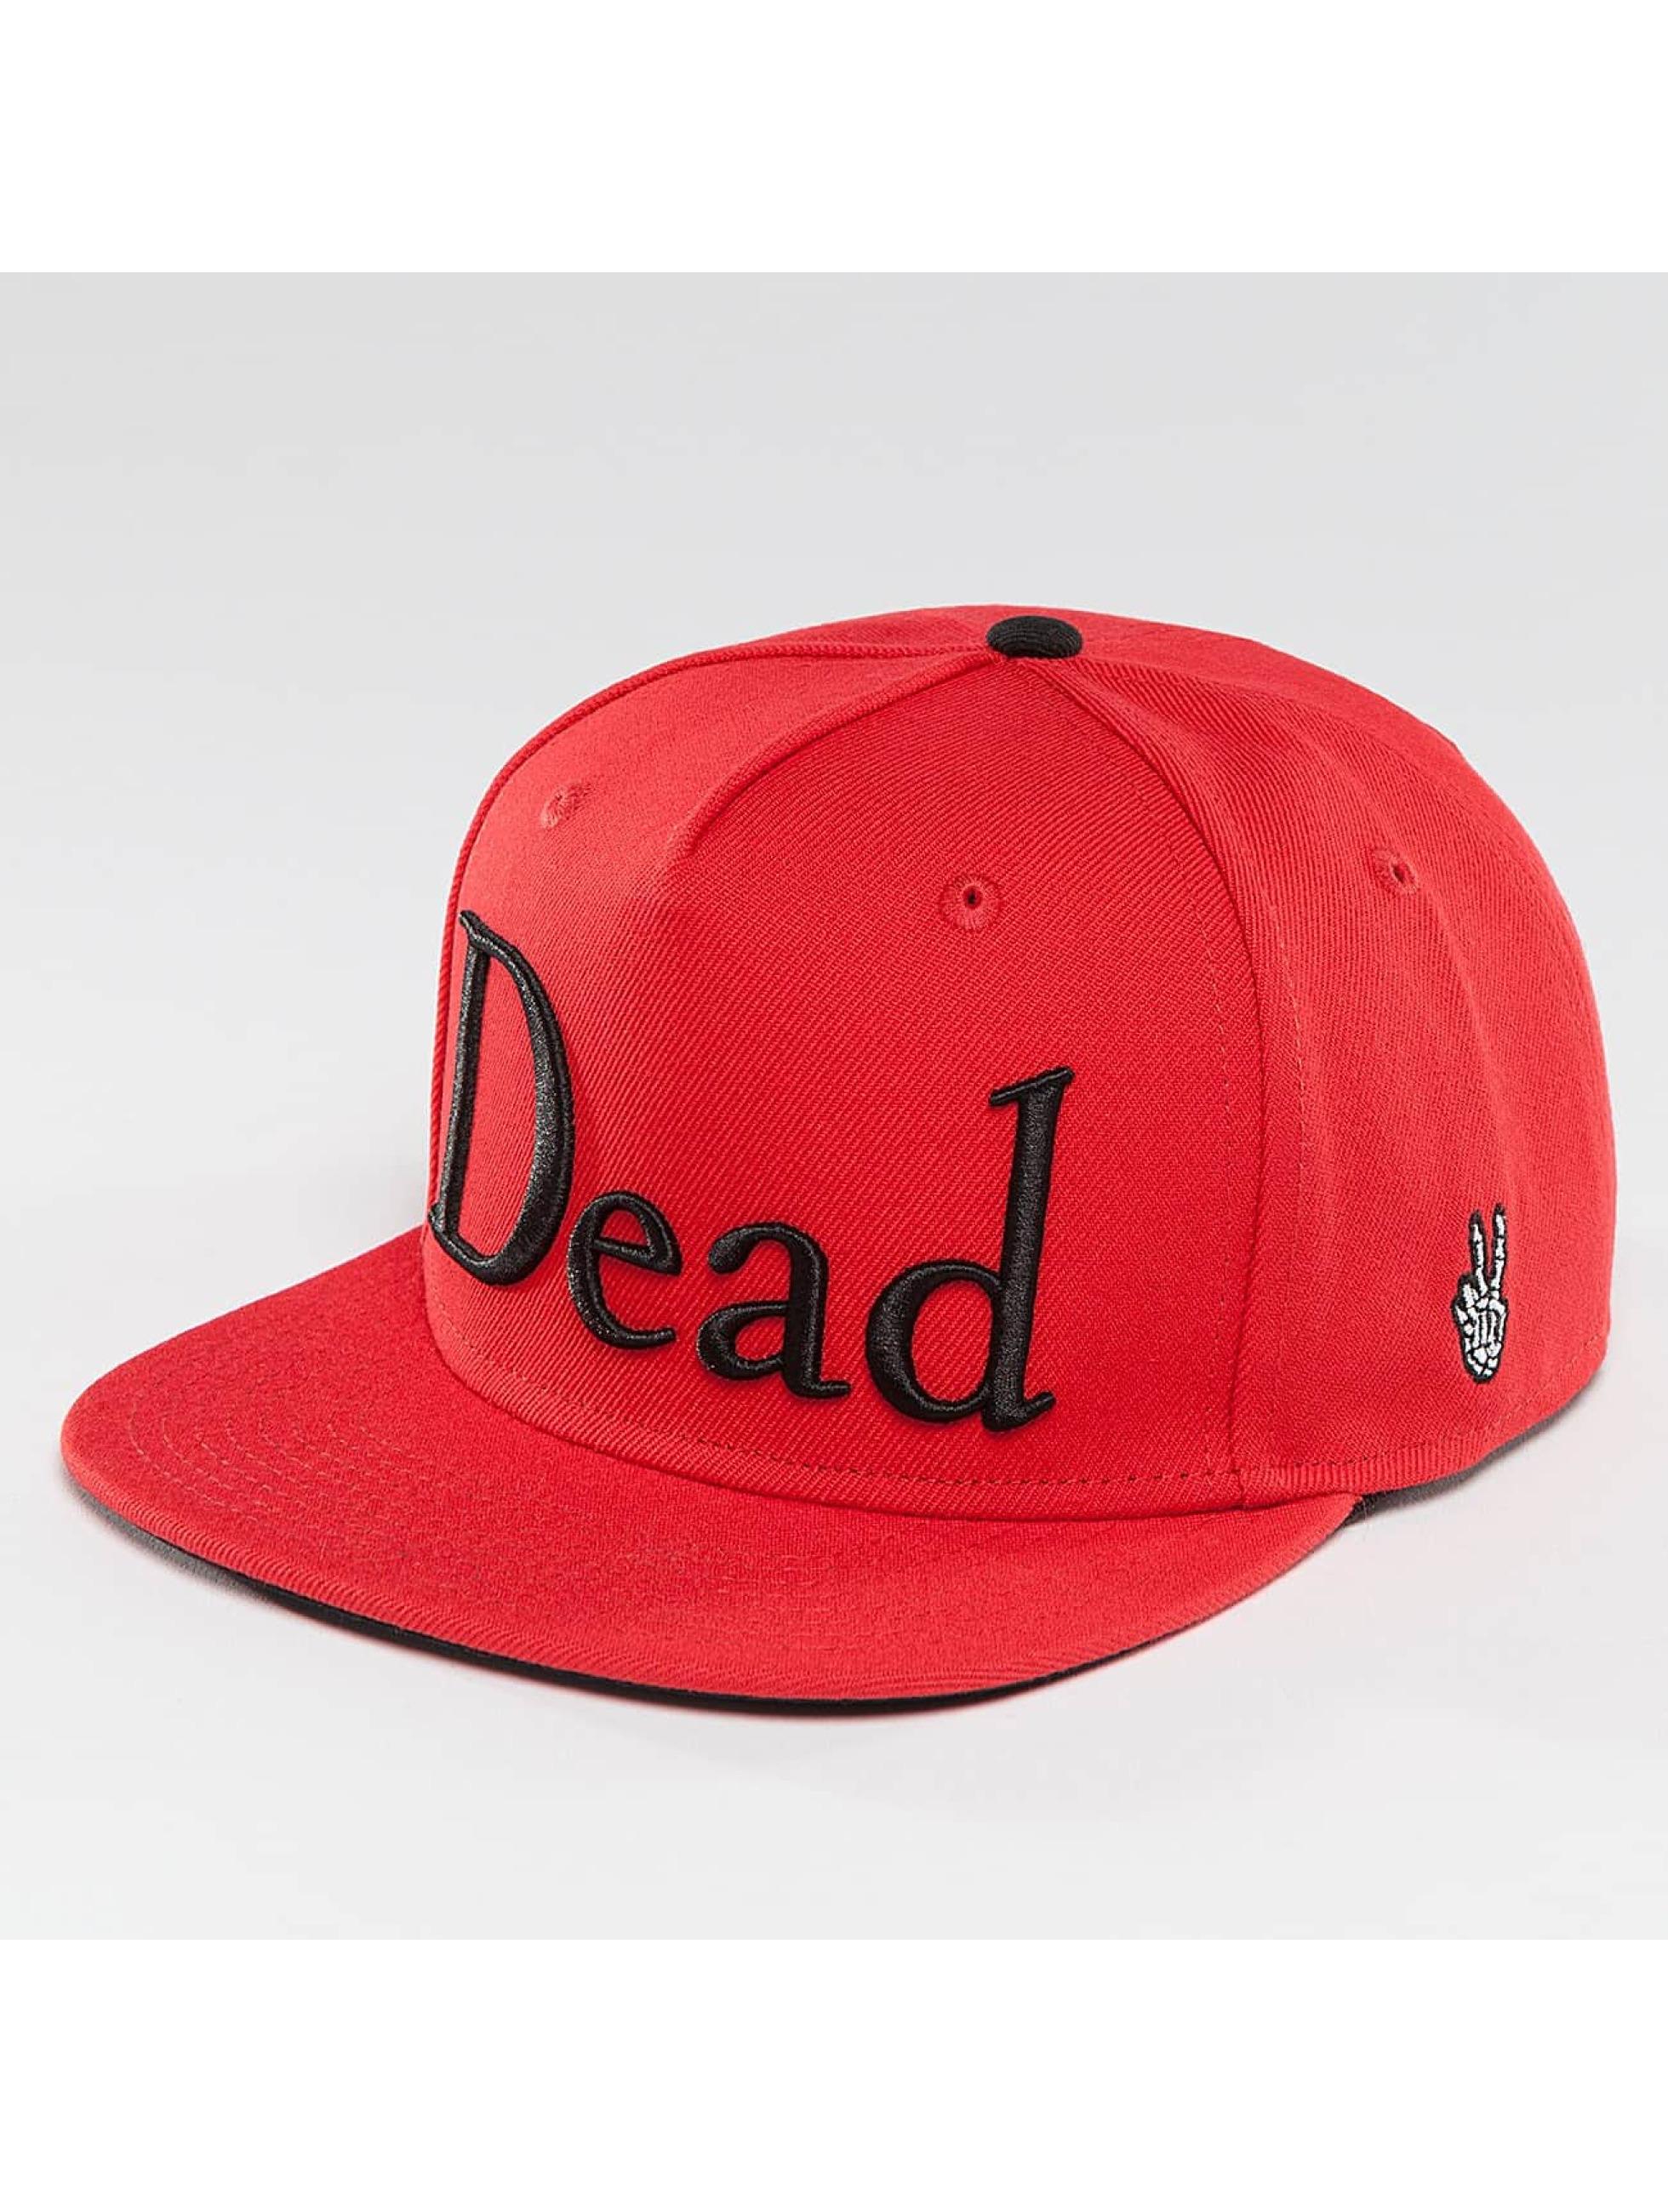 NEFF Männer,Frauen Snapback Cap Dead in rot